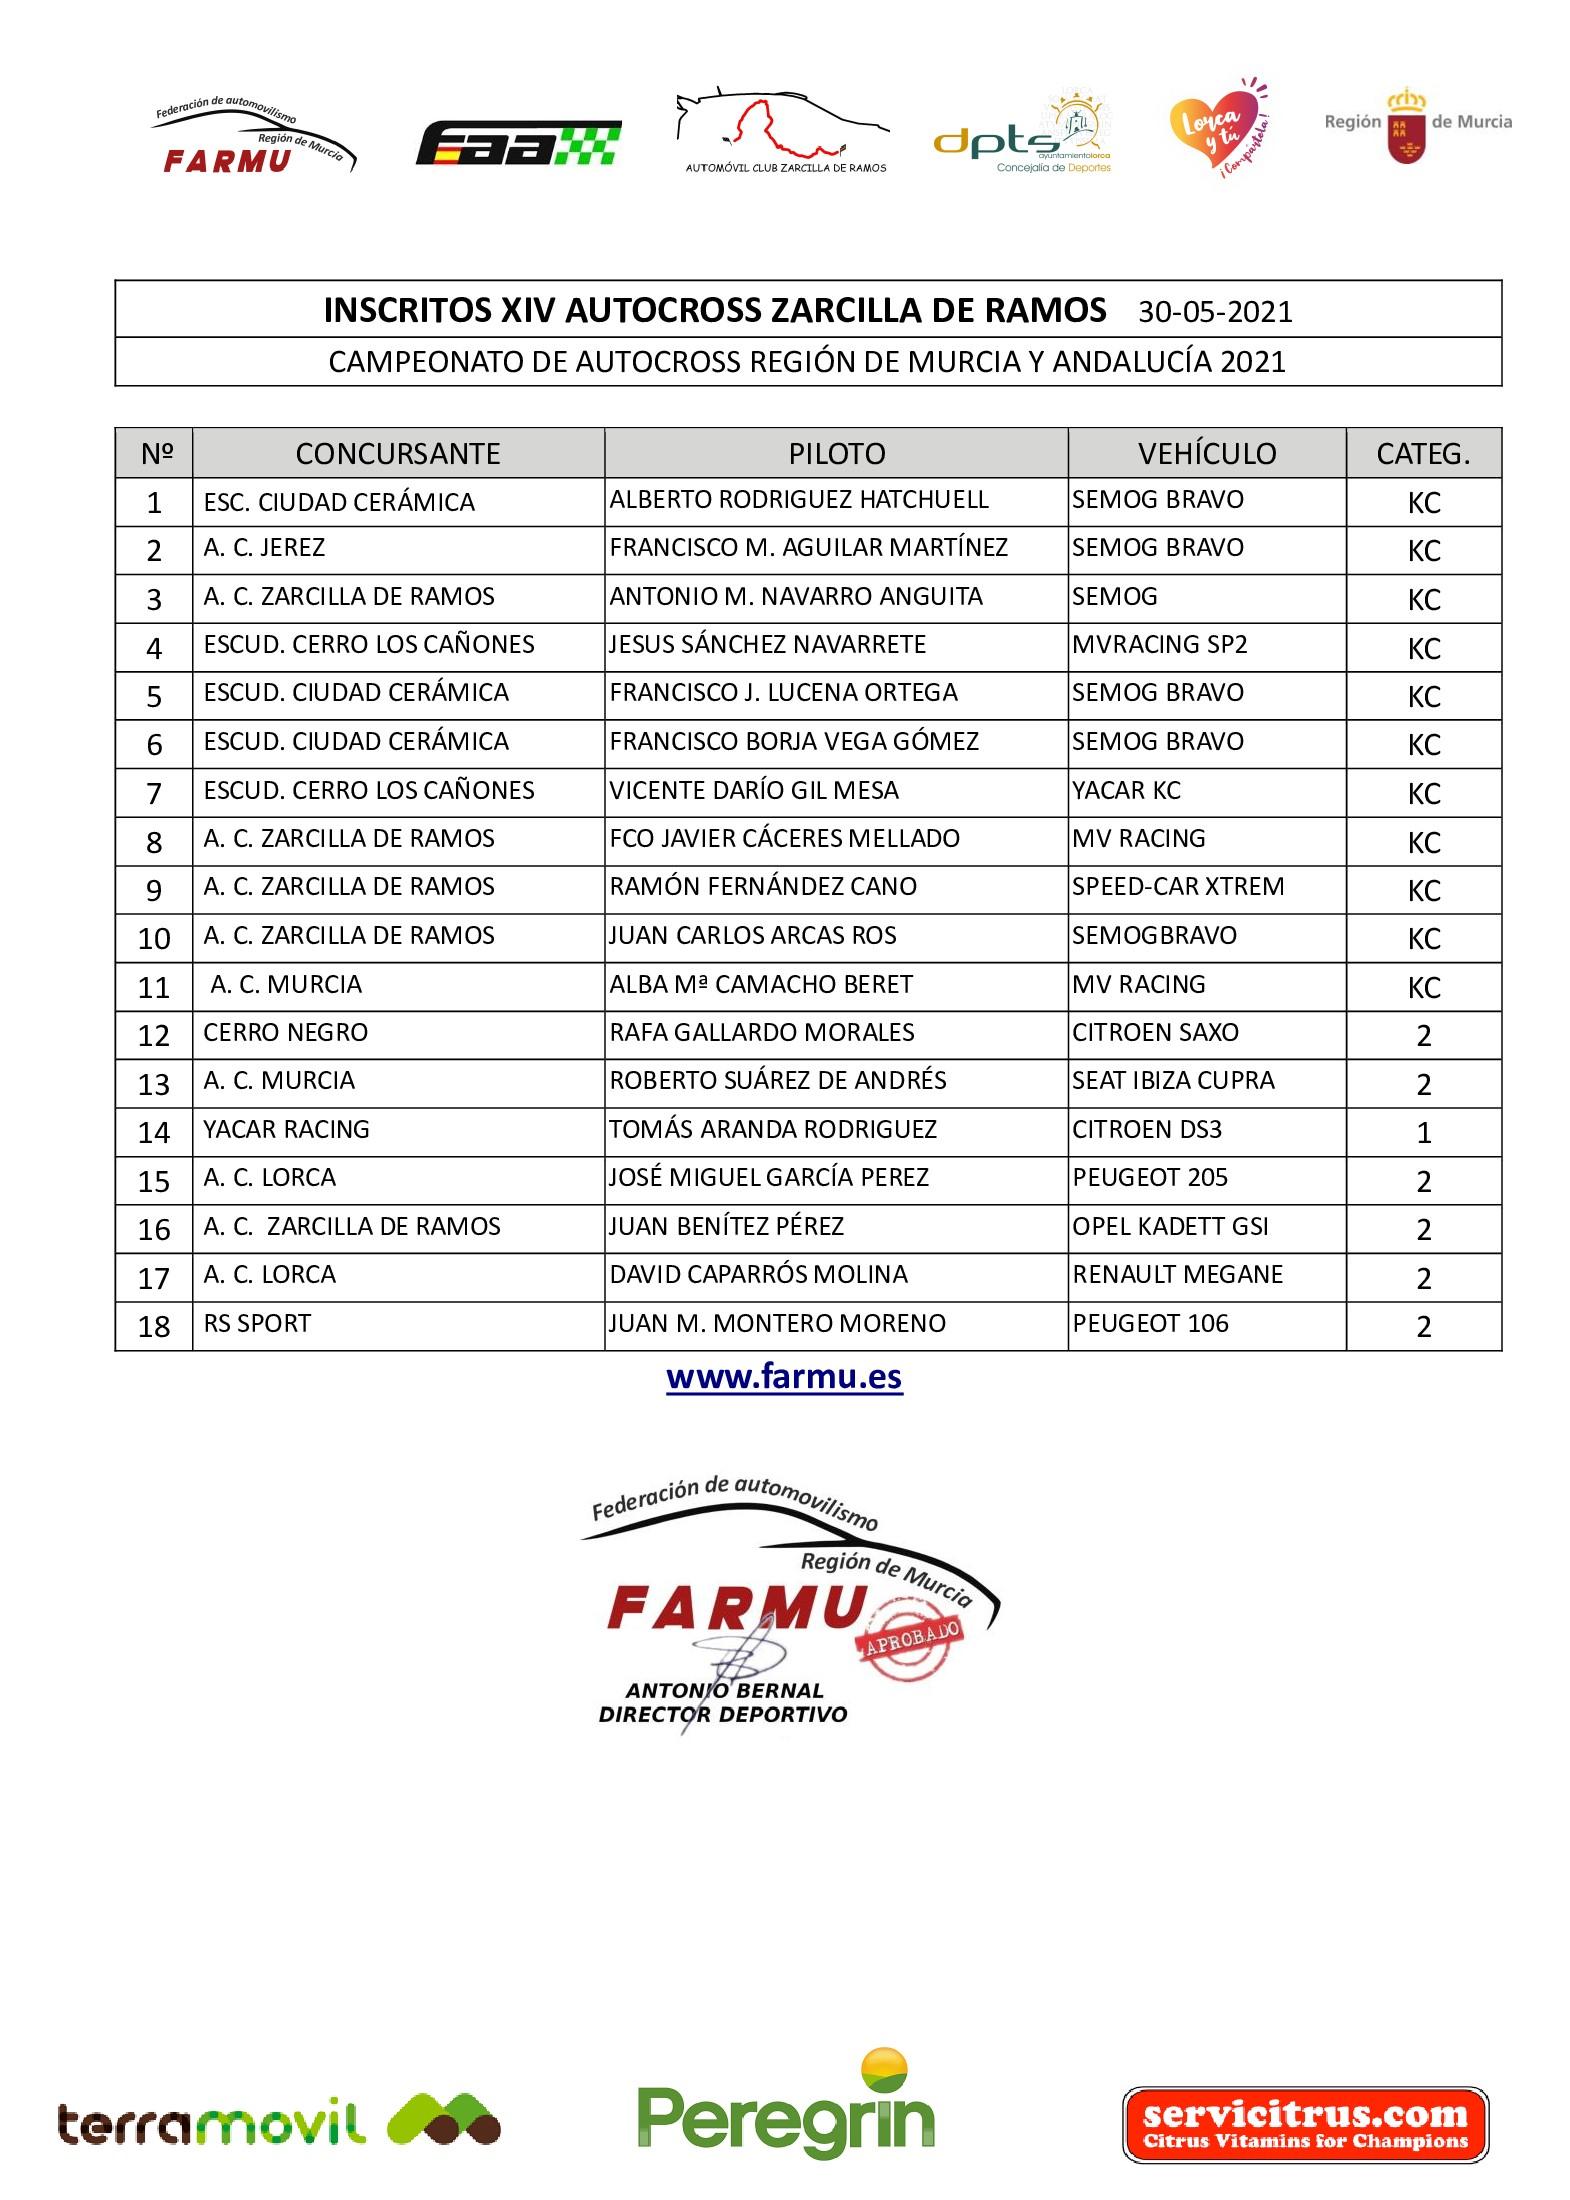 Inscritos Campeonato Andalucía Autocross - Zarcilla de Ramos